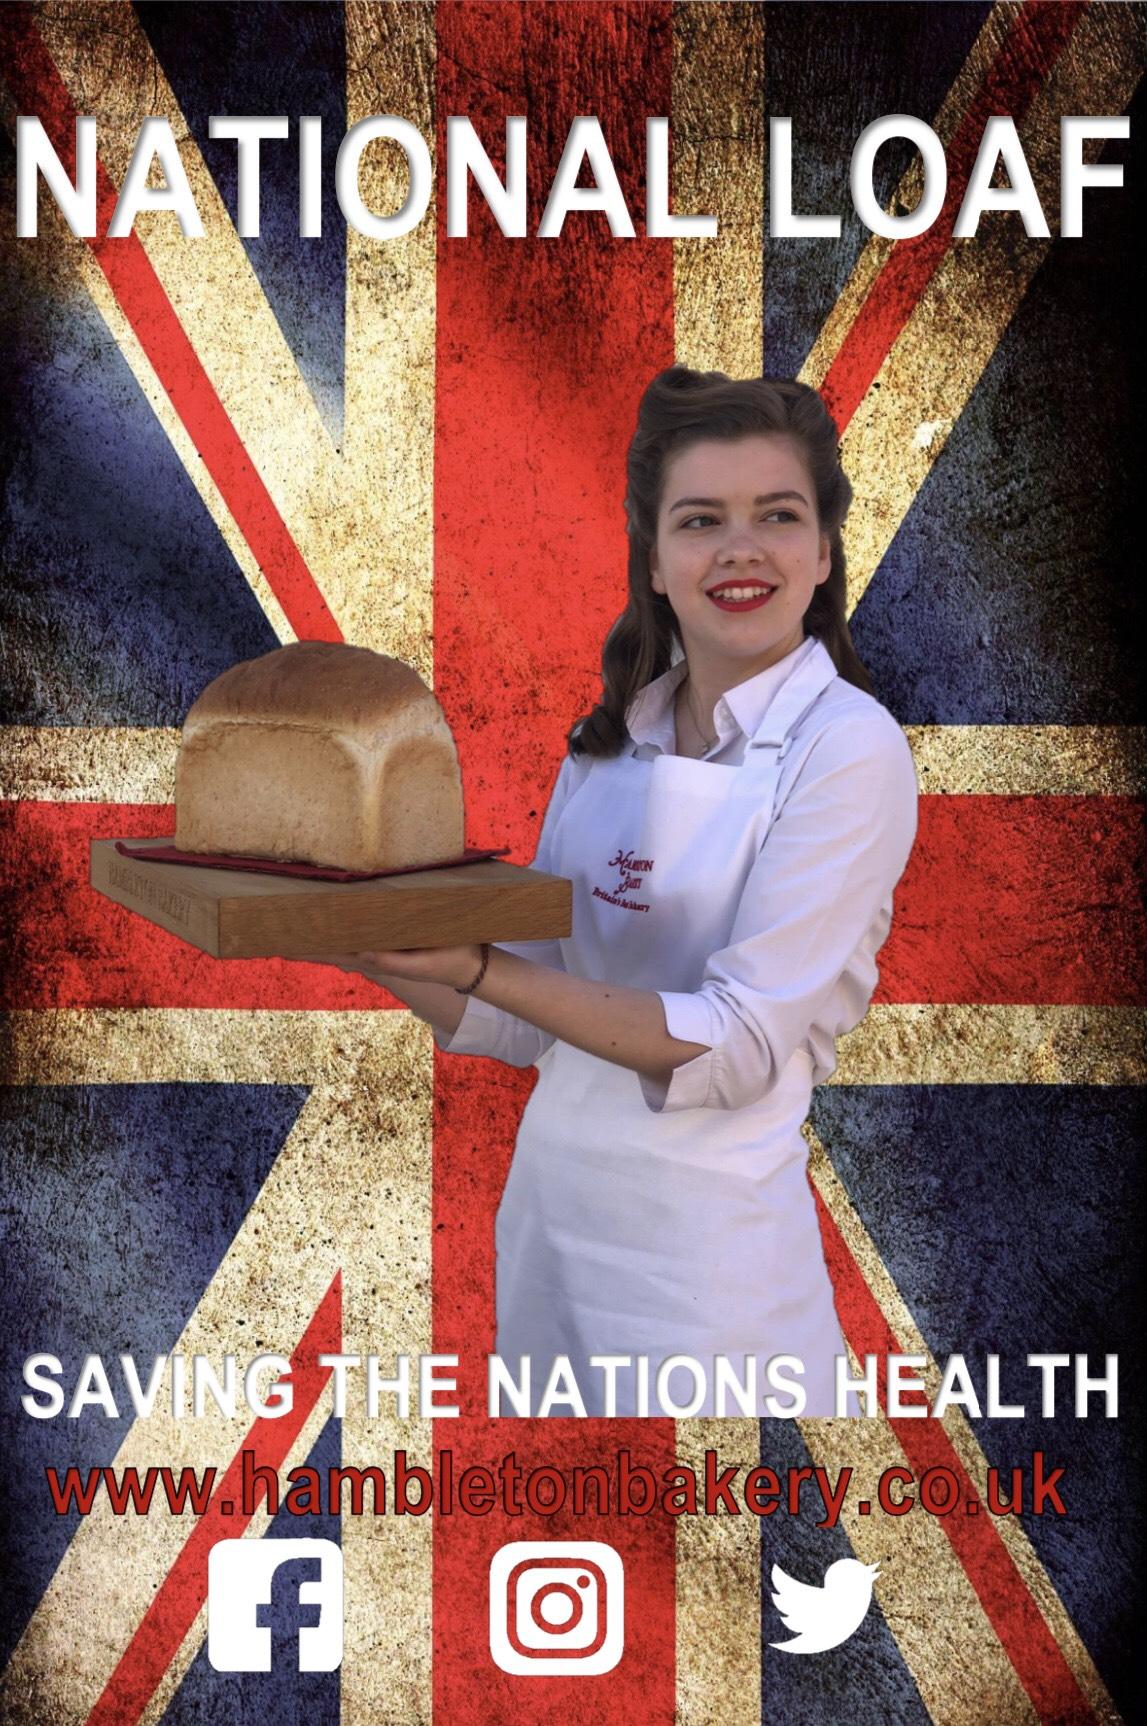 Hambleton_bakery_national_loaf.png